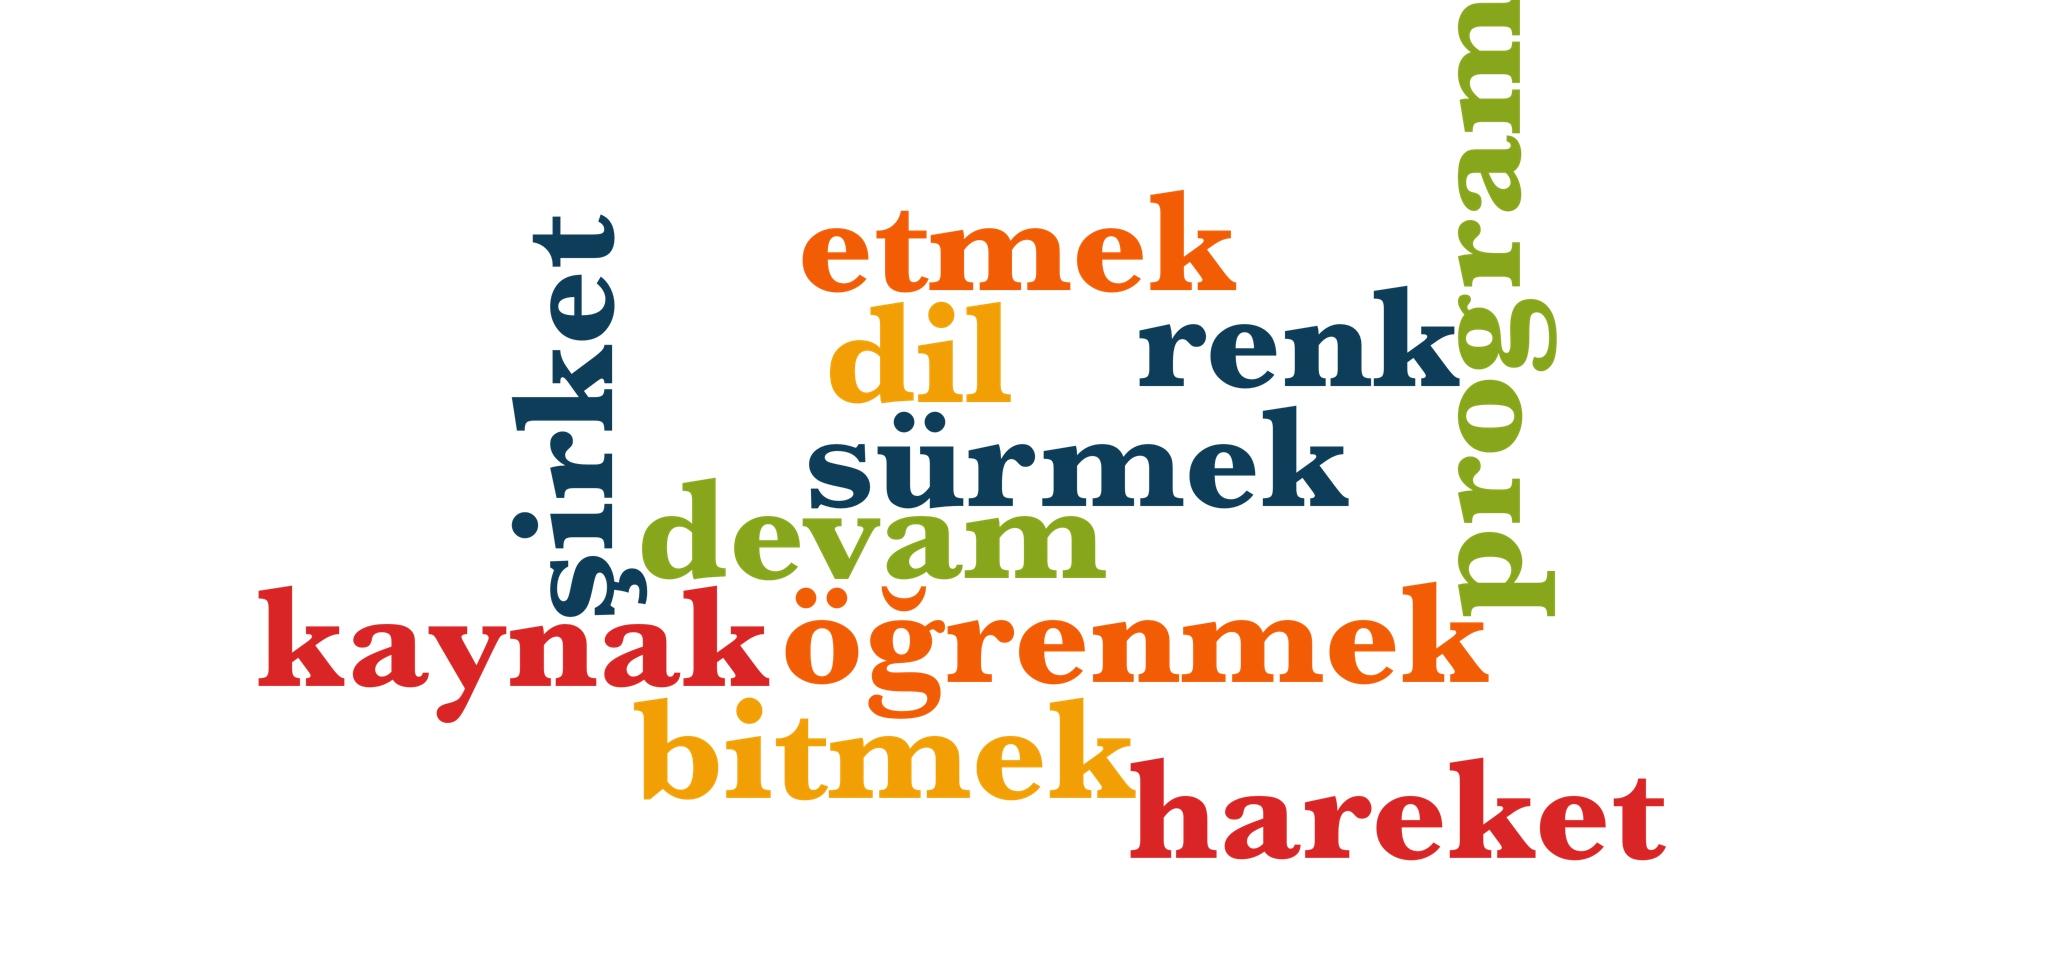 Wörter 261 bis 270 der 1000 häufigsten Wörter der türkischen Sprache